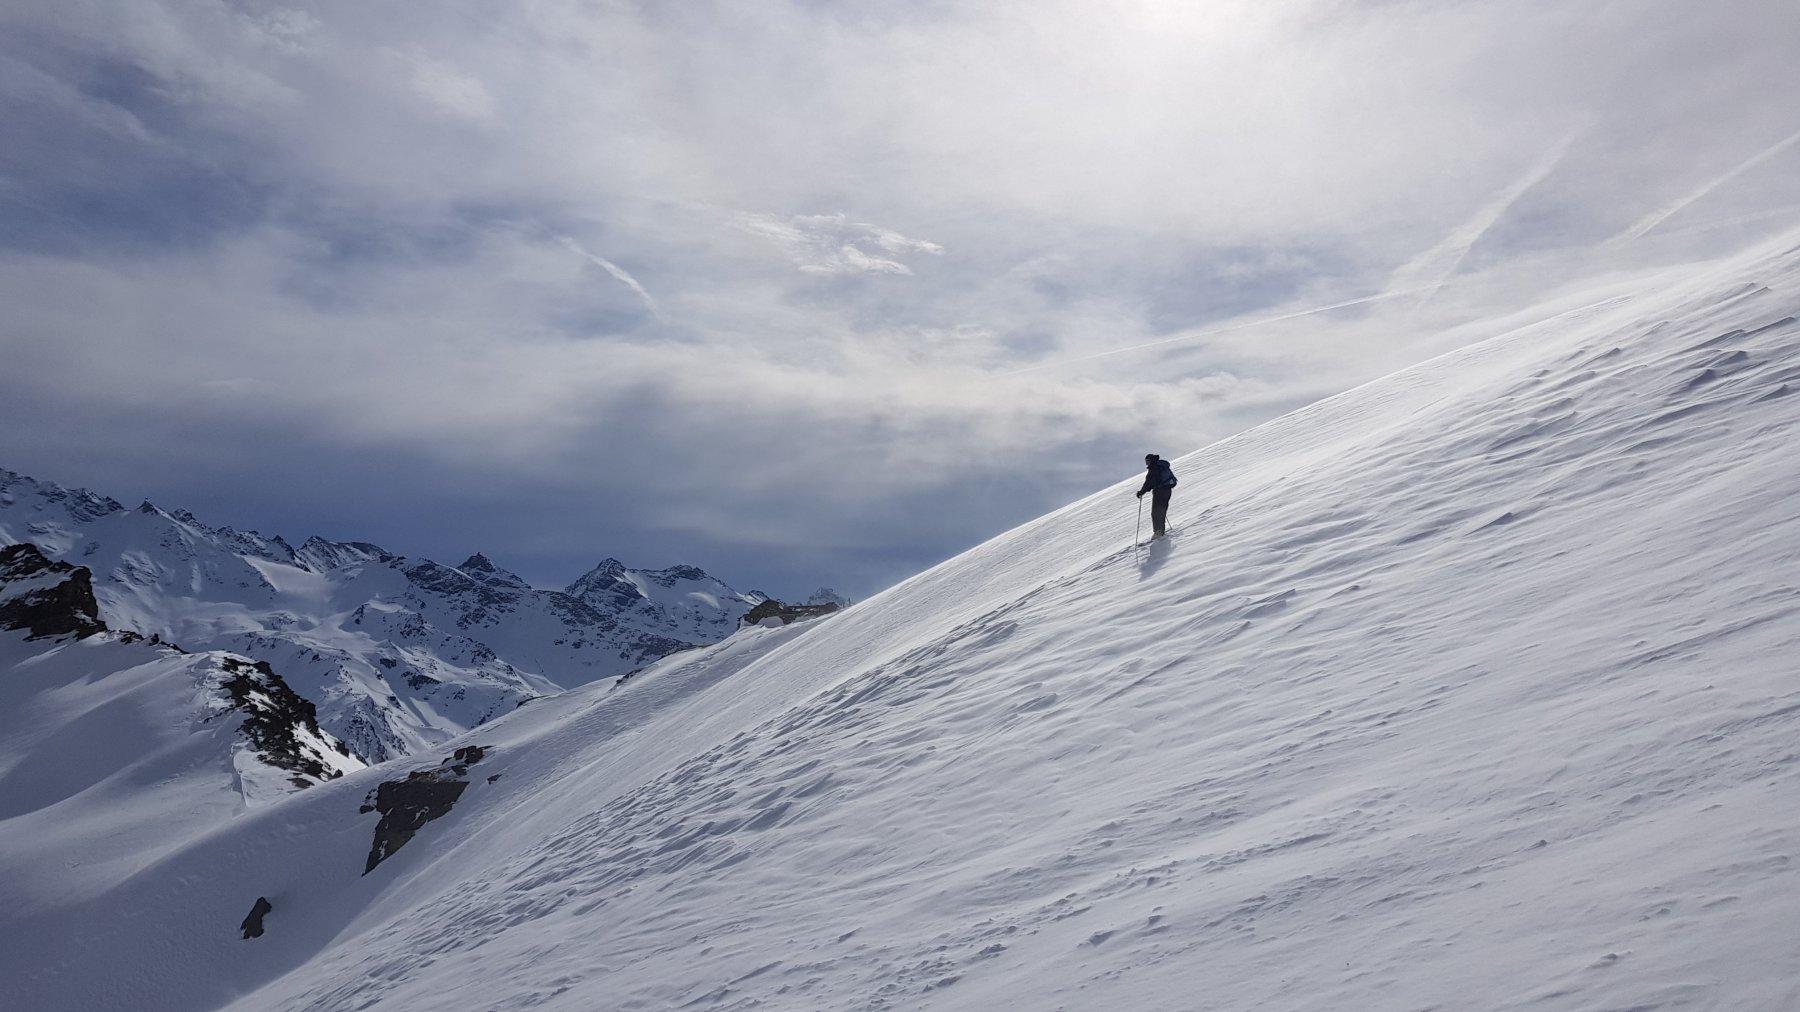 Inizio della discesa su neve compatta